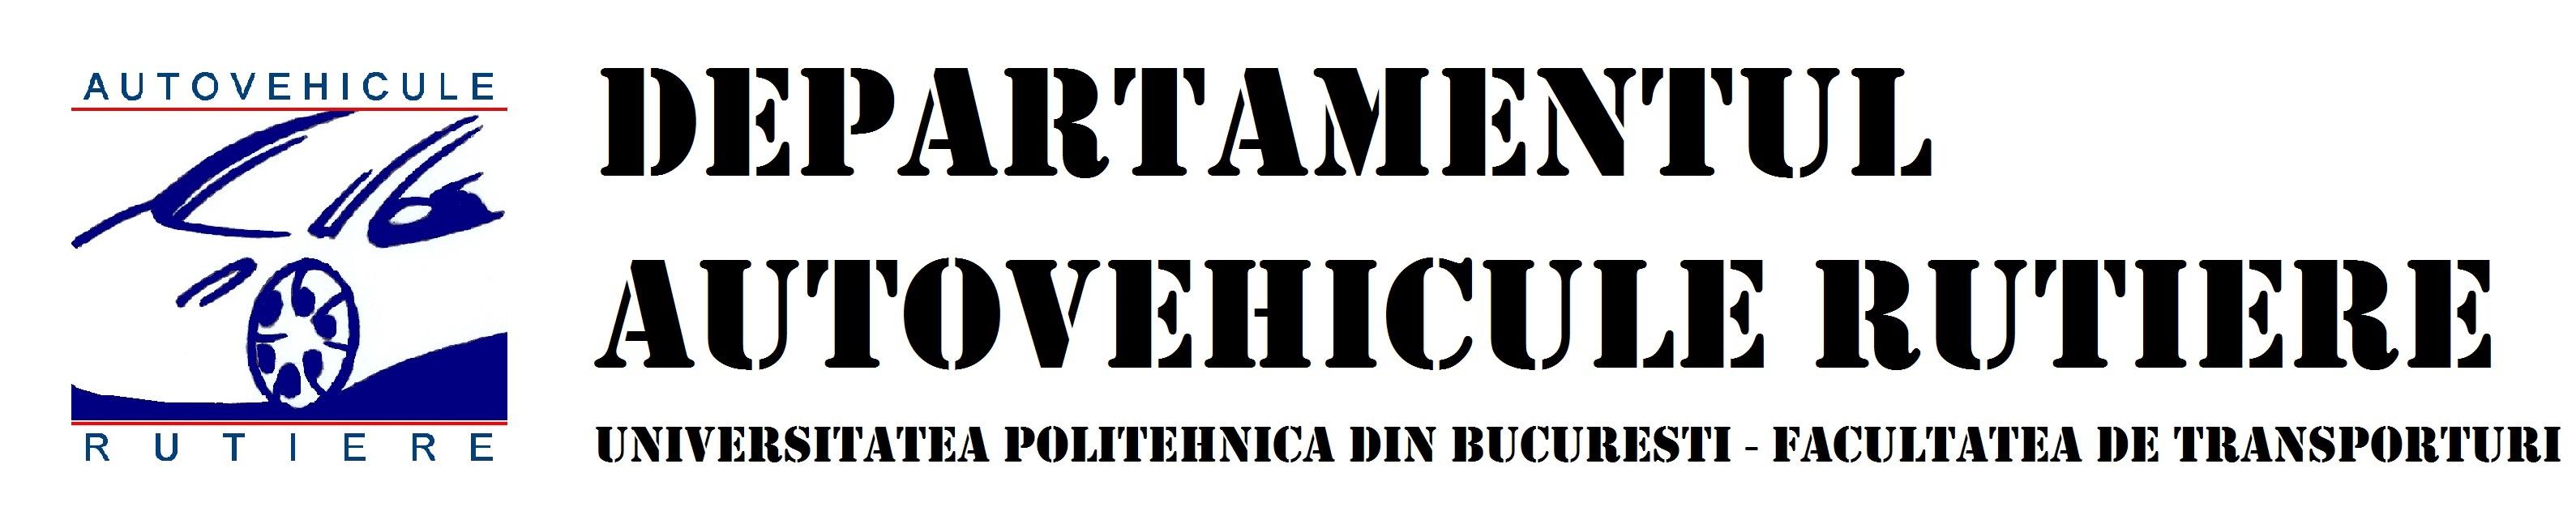 Departamentul Autovehicule Rutiere